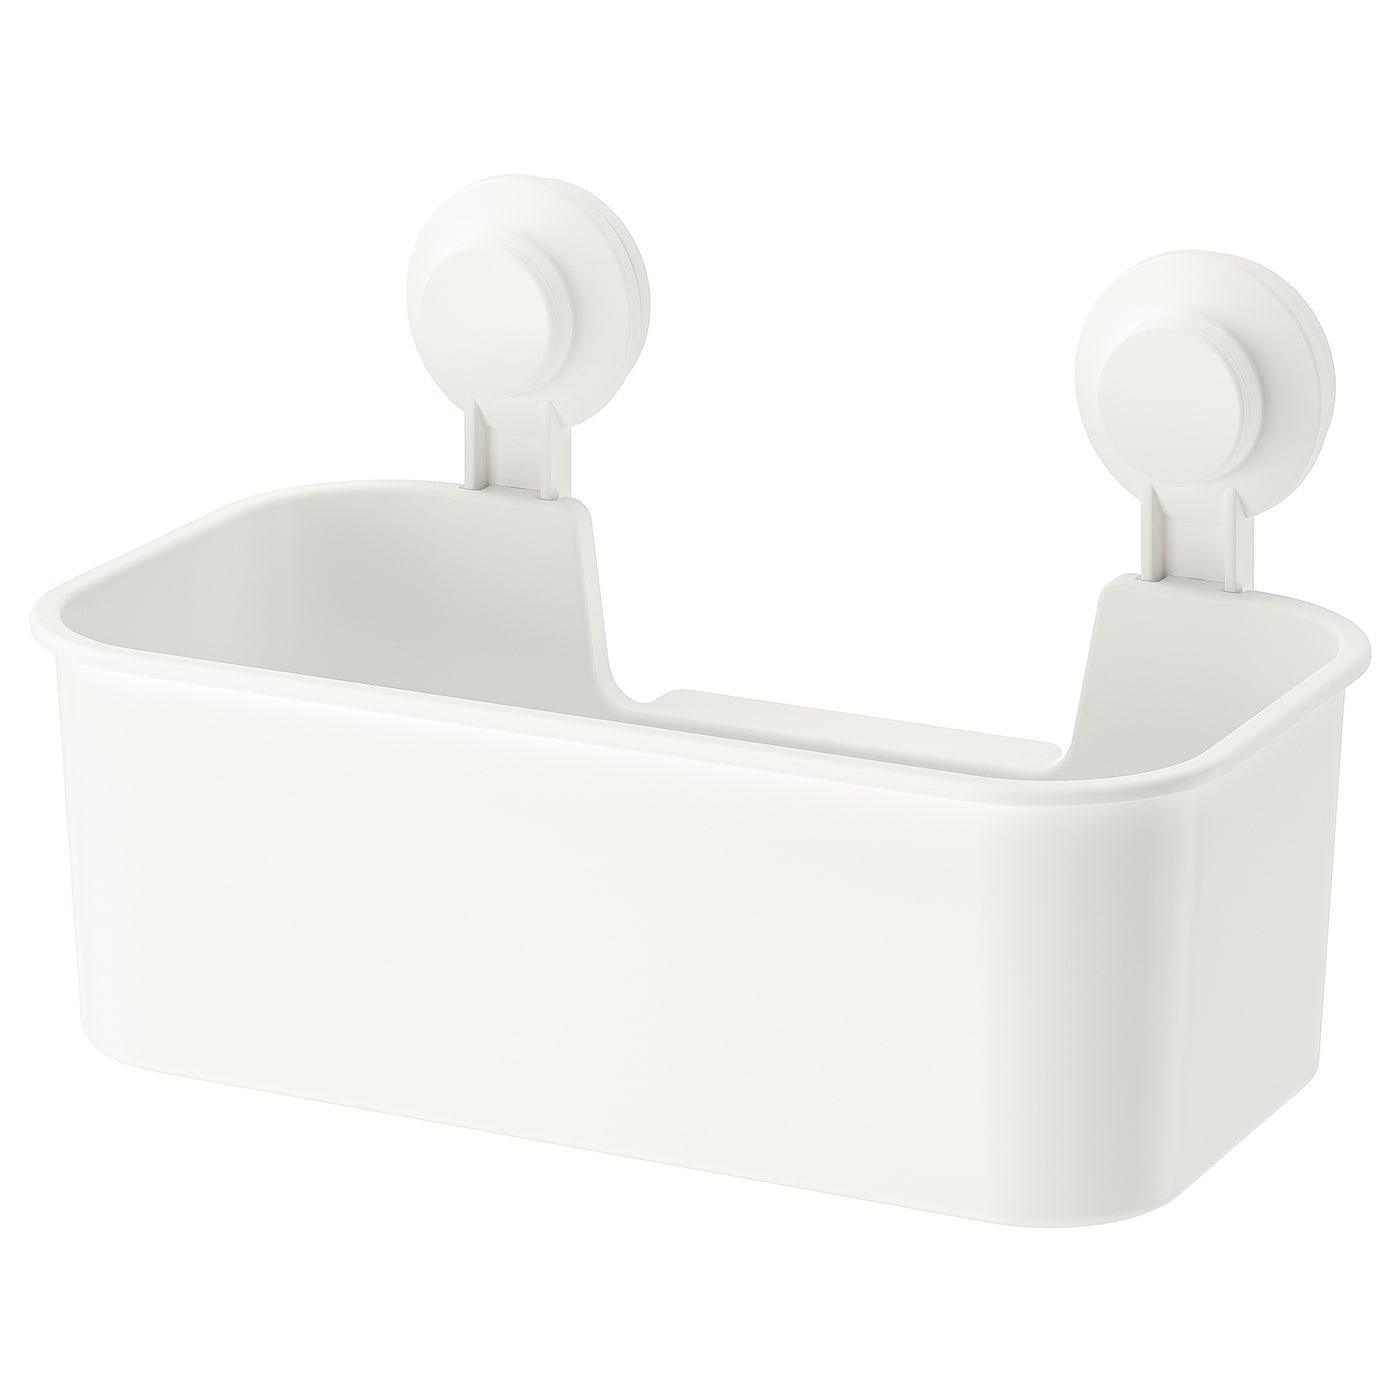 IKEA TISKEN Haken mit Saugnapf; in verschiedenen Farben; 4 Stück Handtuchhalter